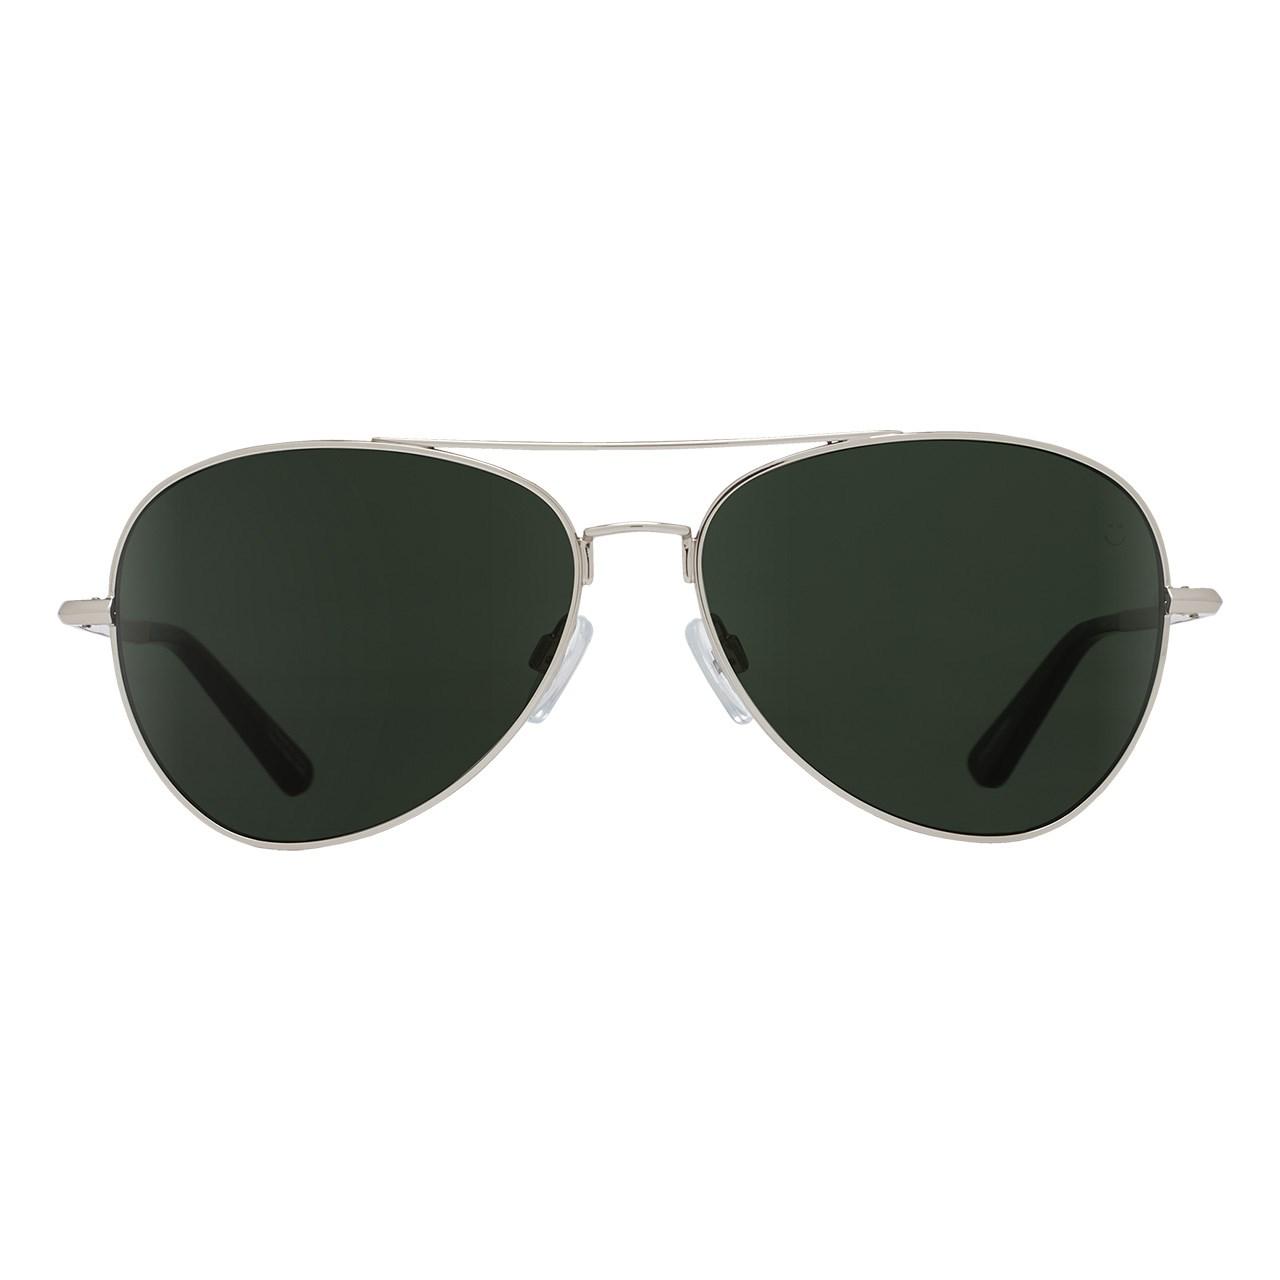 عینک آفتابی اسپای سری Whistler مدل Silver Happy Gray Green Polar